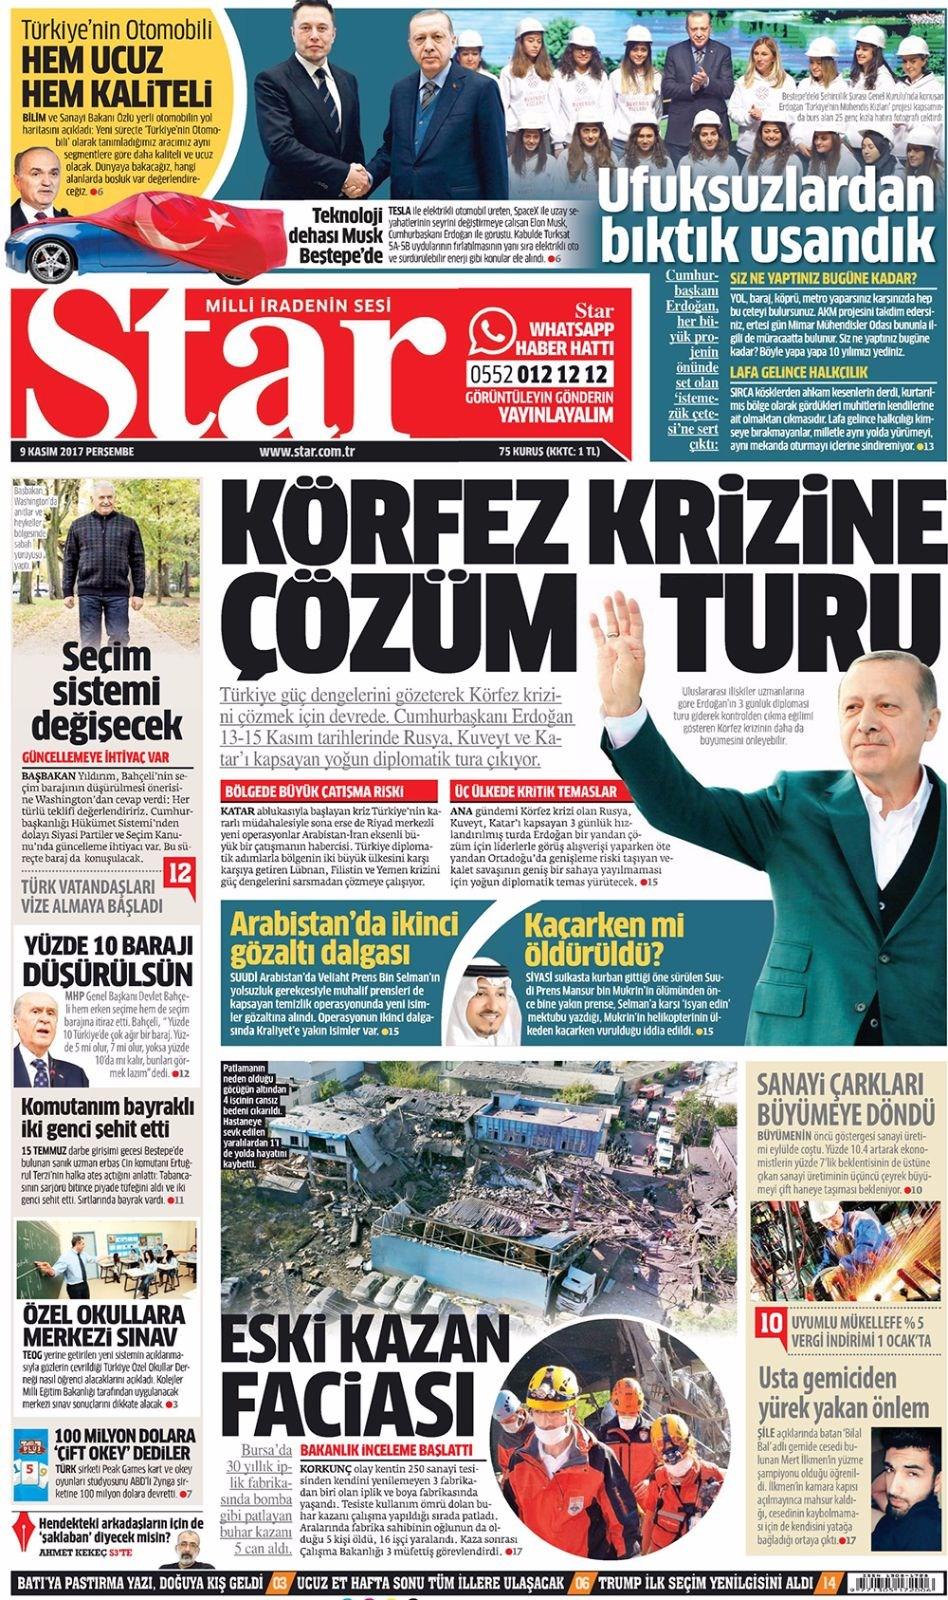 Basında bugün kim ne manşet attı? 9 kasım günün gazete manşetleri 11